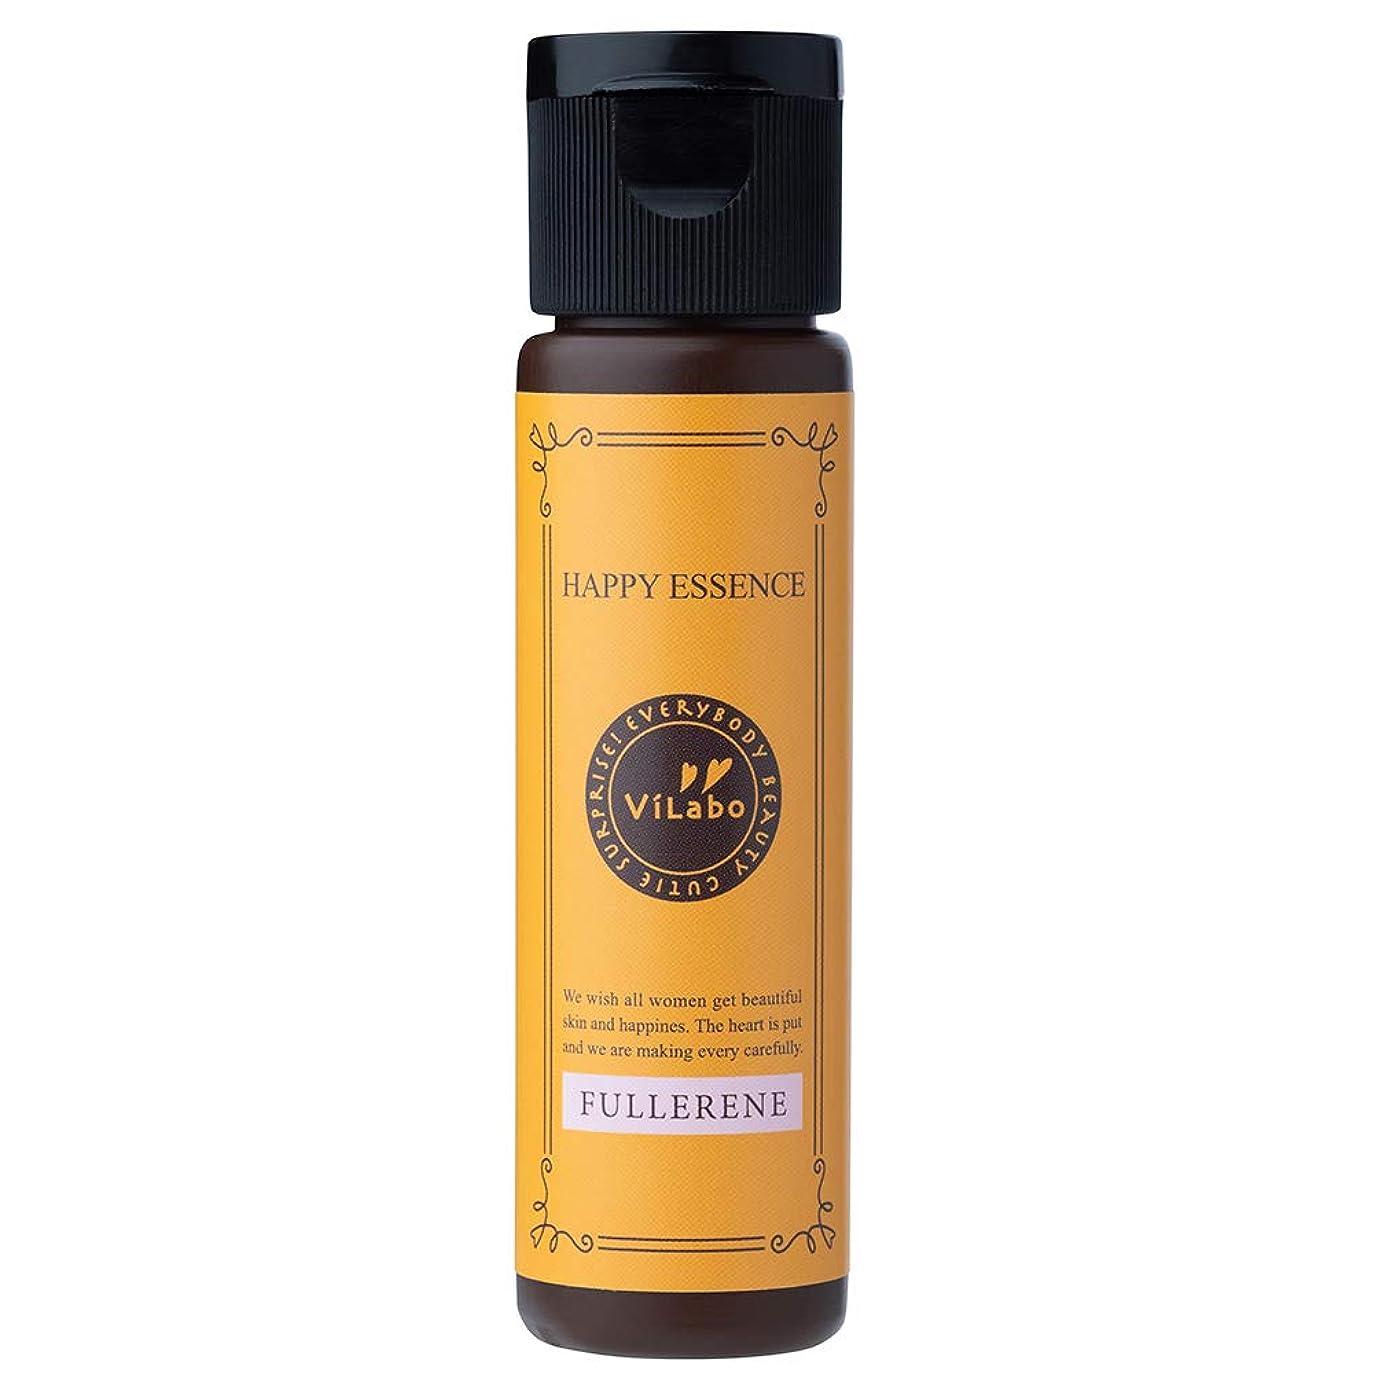 栄光の樫の木不信ViLabo 原液+原液HAPPY ESSENCE/種類:フラーレン (ハッピーエッセンスFU) 30ml 原液美容液 ビラボ